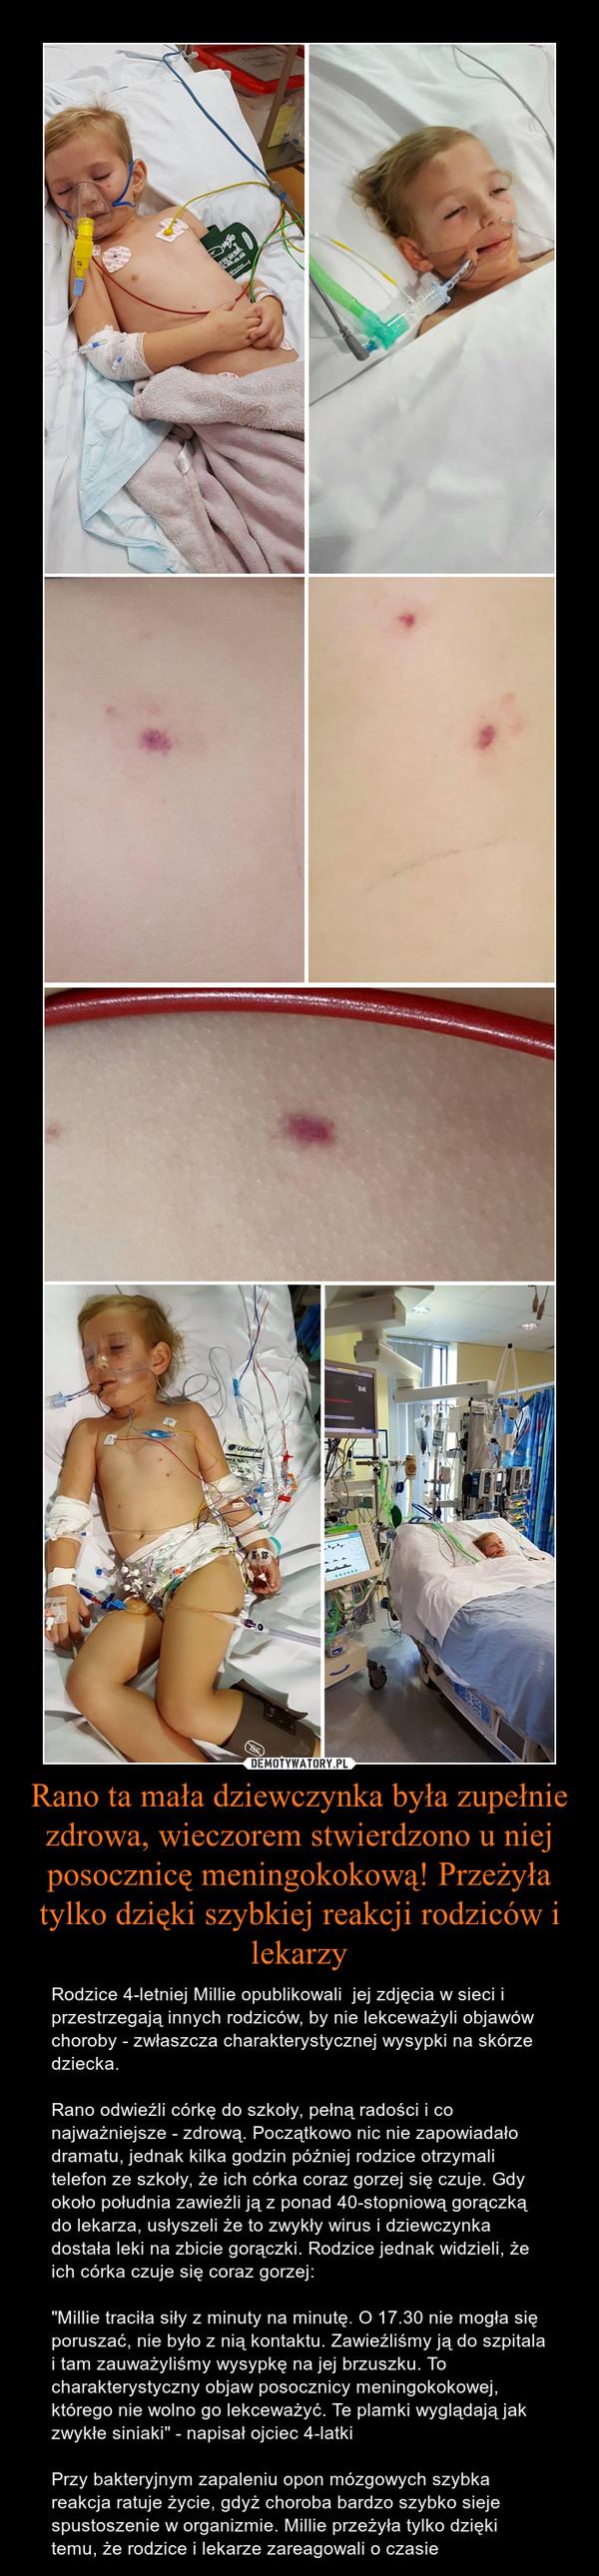 """Rano ta mała dziewczynka była zupełnie zdrowa, wieczorem stwierdzono u niej posocznicę meningokokową! Przeżyła tylko dzięki szybkiej reakcji rodziców i lekarzy – Rodzice 4-letniej Millie opublikowali  jej zdjęcia w sieci i przestrzegają innych rodziców, by nie lekceważyli objawów choroby - zwłaszcza charakterystycznej wysypki na skórze dziecka. Rano odwieźli córkę do szkoły, pełną radości i co najważniejsze - zdrową. Początkowo nic nie zapowiadało dramatu, jednak kilka godzin później rodzice otrzymali telefon ze szkoły, że ich córka coraz gorzej się czuje. Gdy około południa zawieźli ją z ponad 40-stopniową gorączką do lekarza, usłyszeli że to zwykły wirus i dziewczynka dostała leki na zbicie gorączki. Rodzice jednak widzieli, że ich córka czuje się coraz gorzej:""""Millie traciła siły z minuty na minutę. O 17.30 nie mogła się poruszać, nie było z nią kontaktu. Zawieźliśmy ją do szpitala i tam zauważyliśmy wysypkę na jej brzuszku. To charakterystyczny objaw posocznicy meningokokowej, którego nie wolno go lekceważyć. Te plamki wyglądają jak zwykłe siniaki"""" - napisał ojciec 4-latkiPrzy bakteryjnym zapaleniu opon mózgowych szybka reakcja ratuje życie, gdyż choroba bardzo szybko sieje spustoszenie w organizmie. Millie przeżyła tylko dzięki temu, że rodzice i lekarze zareagowali o czasie"""